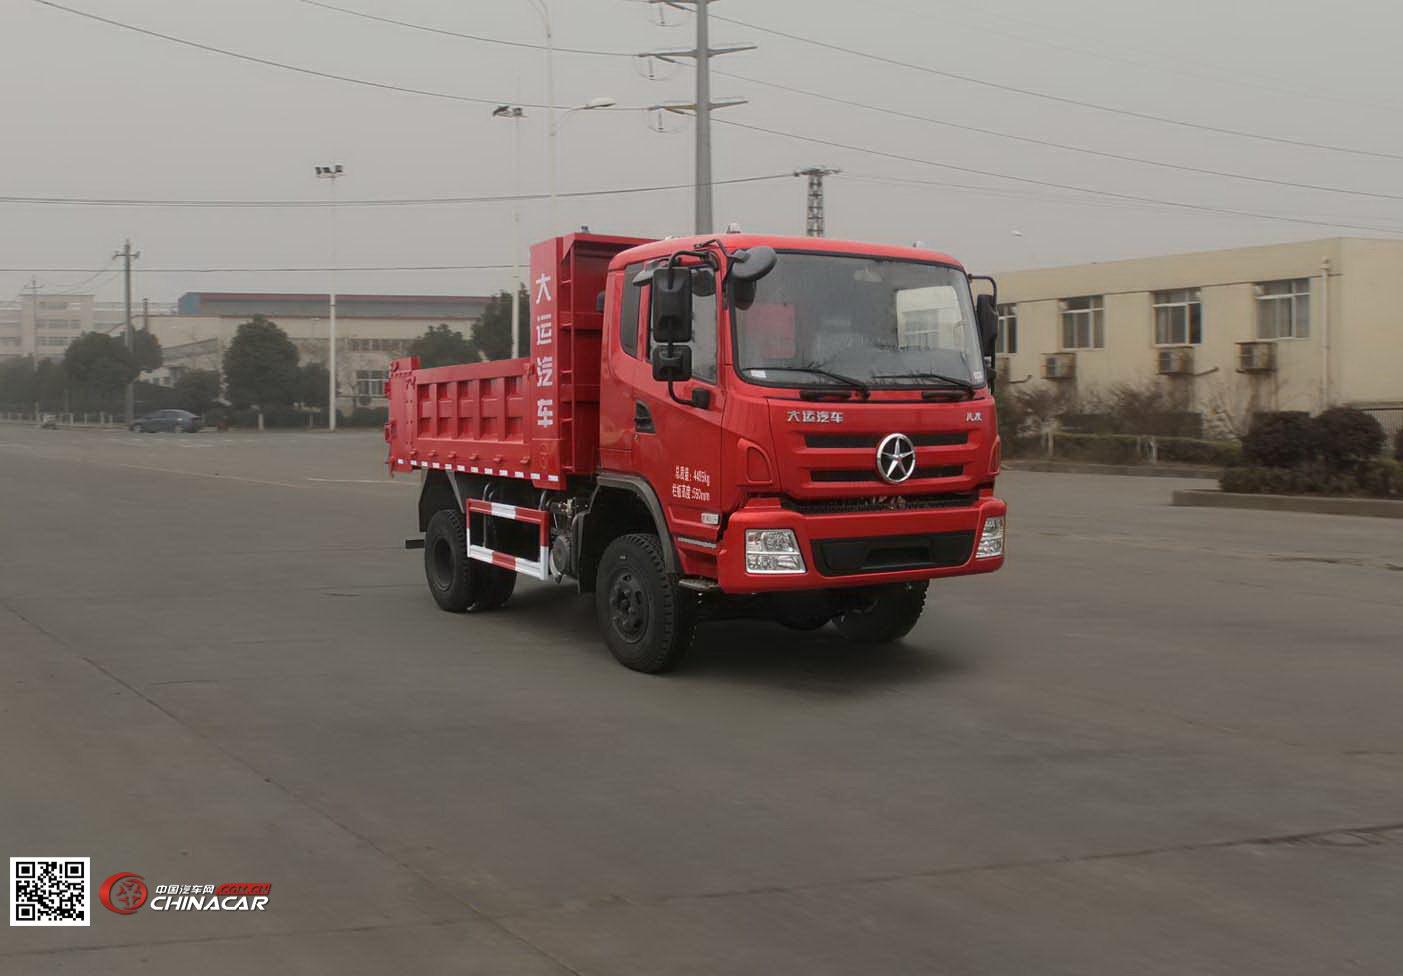 其它:自卸方式为后卸。选装驾驶室;选装货箱样式。防护装置材料为:Q235,螺栓连接,后防护装置离地高度为500mm,截面高度和厚度为130mm30mm。轴距/整车长度/前悬/后悬(mm)对应关系:3300/5995/3750/1170/1525;3400/5995/3750/1170/1425;3600/5995/3750/1170/1225;3750/5995/3750/1170/1075。ABS生产厂家:威伯科汽车控制系统(中国)有限公司,型号:ABS-E 4S/4M;浙江万安科技股份有限公司,型号: